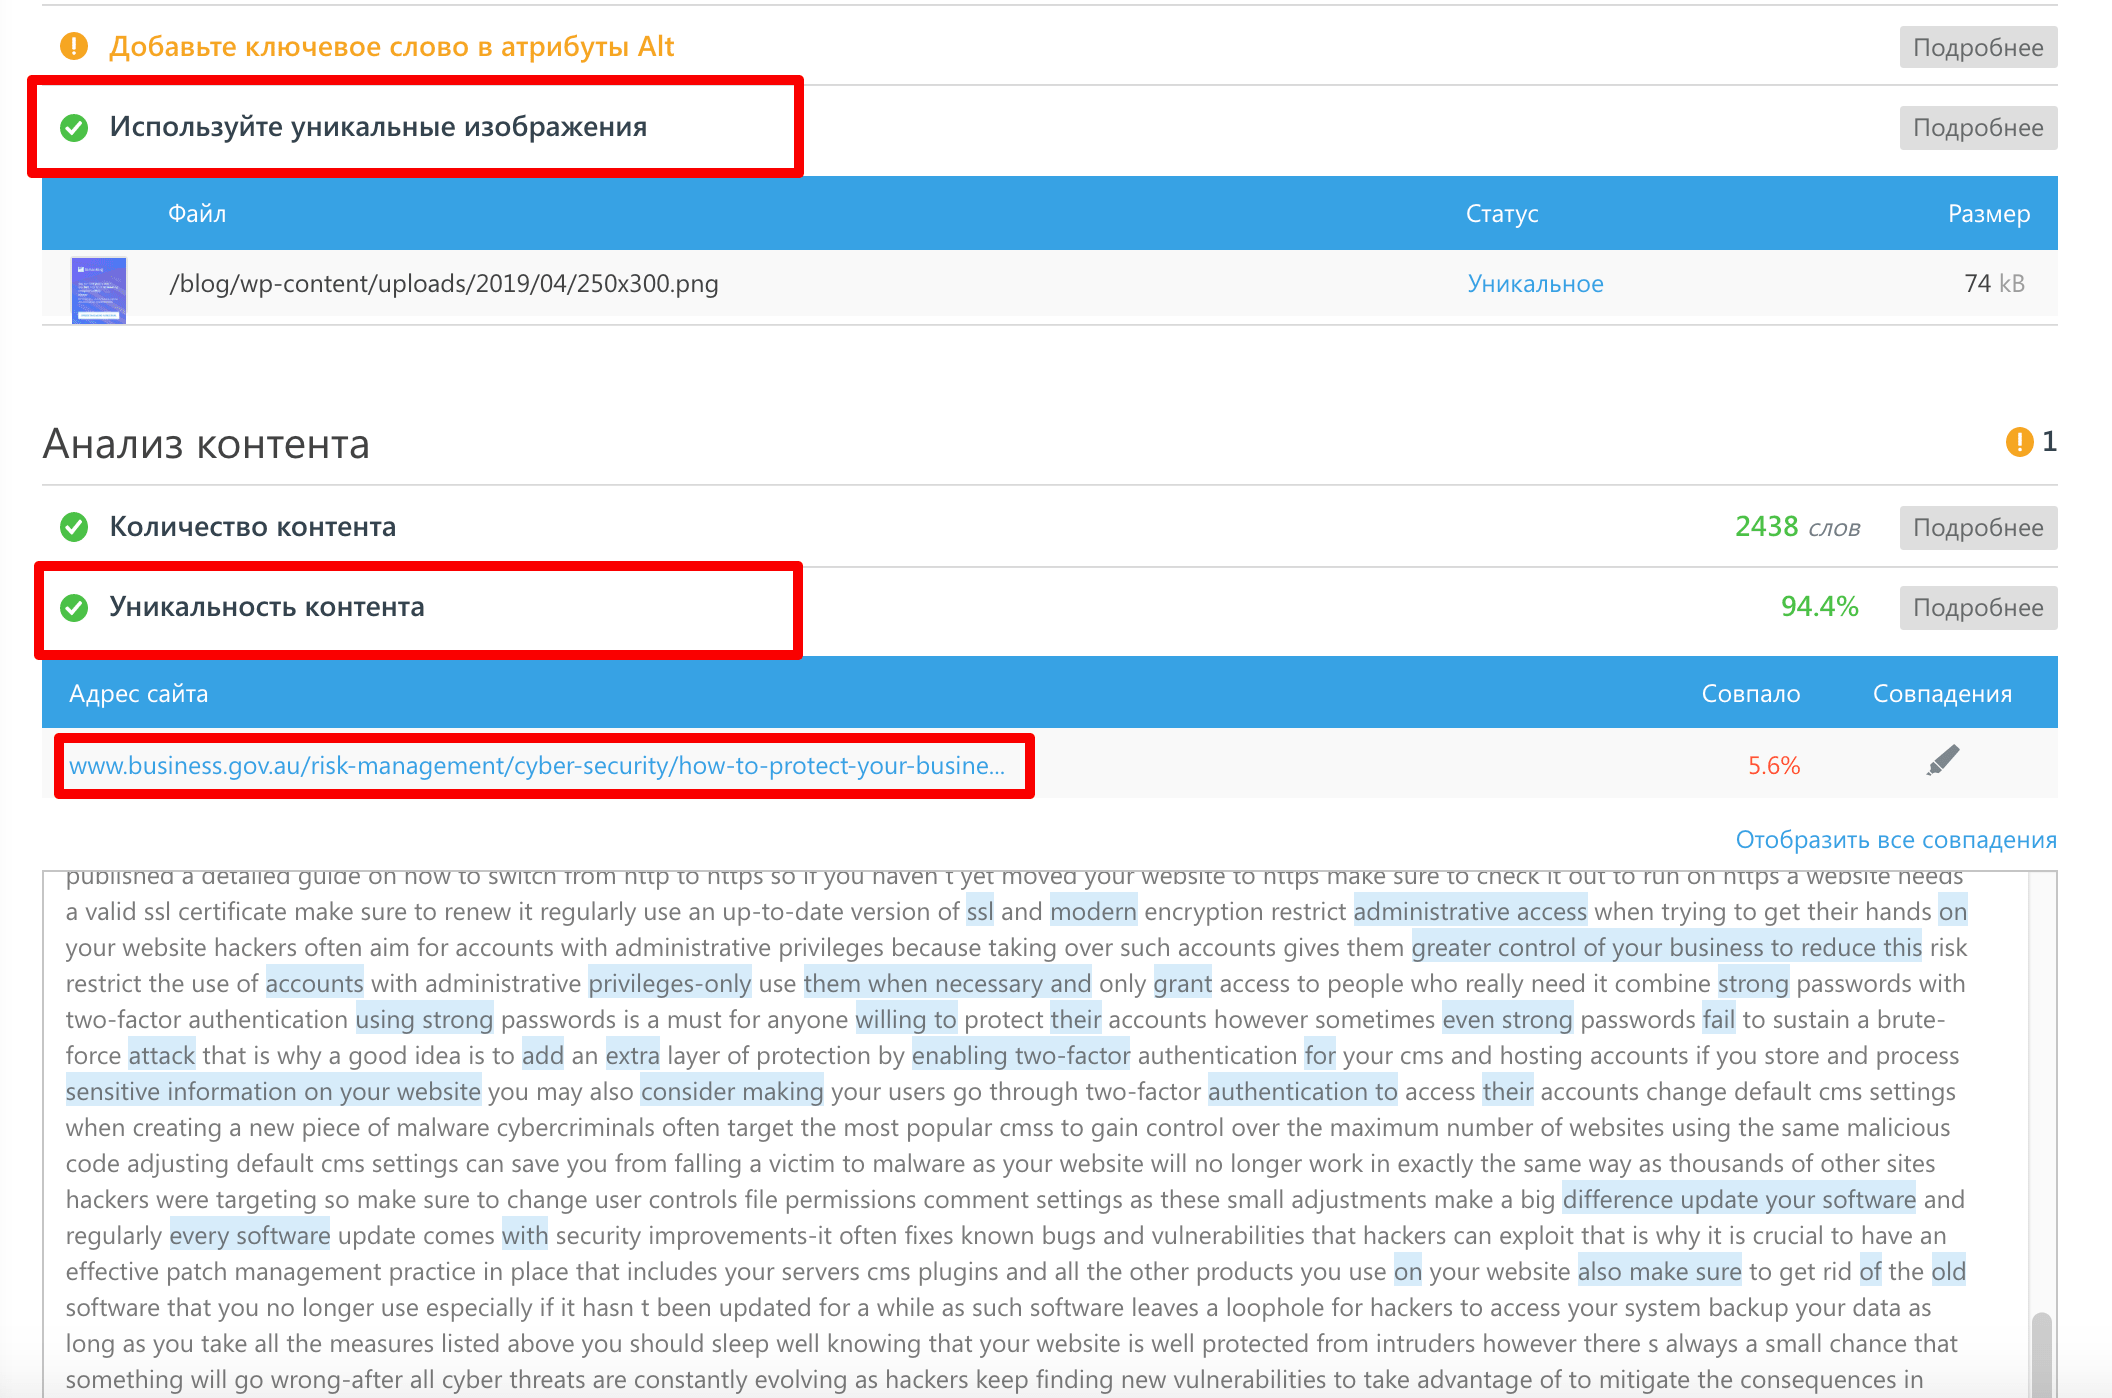 Проверка уникальности текста и картинок в SE Ranking